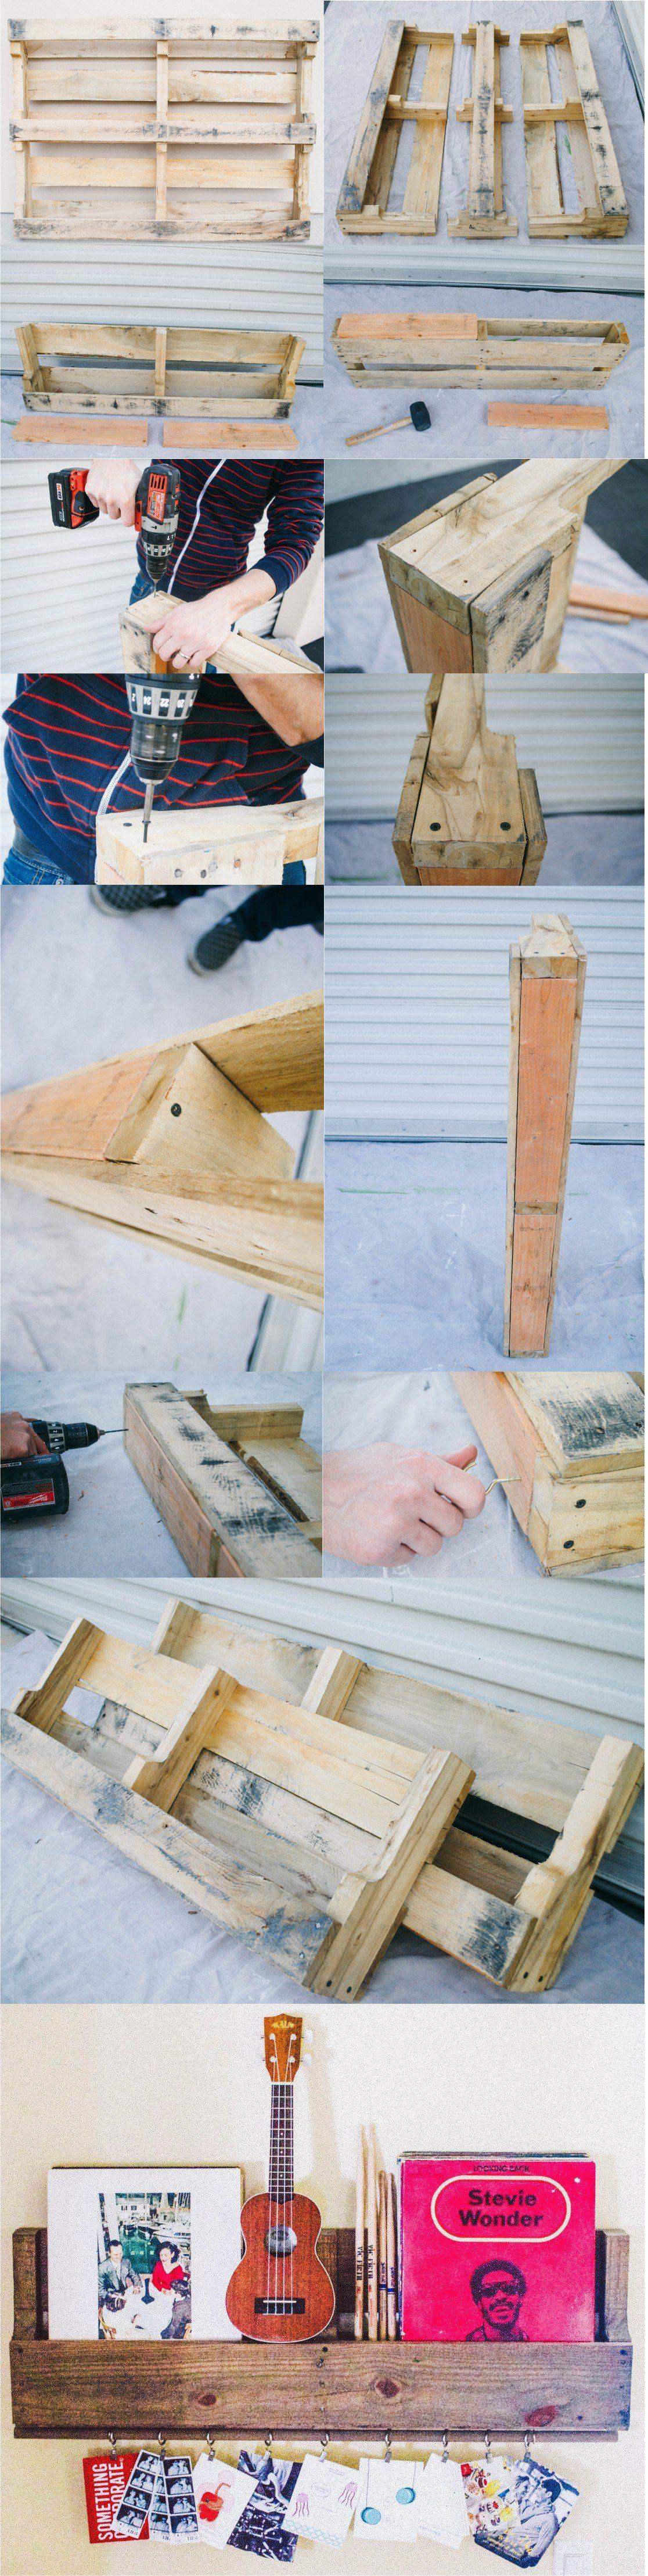 Estanterías DIY con un palé | Pallet shelves, Pallets and Shelves